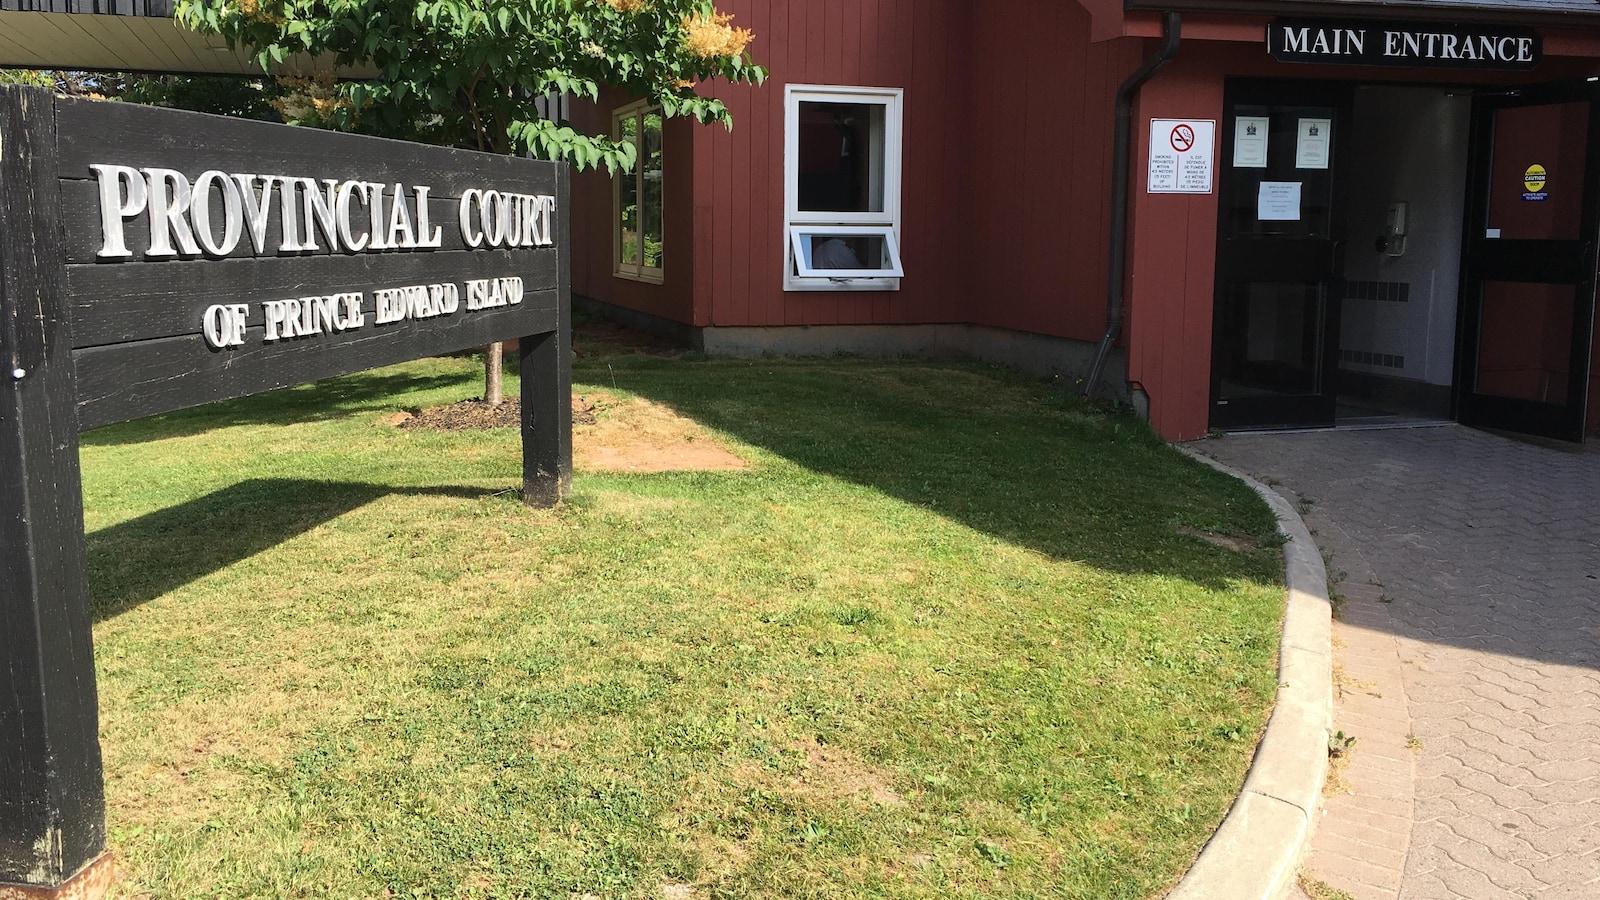 La Cour provinciale de l'Île-du-Prince-Édouard, à Charlottetown.